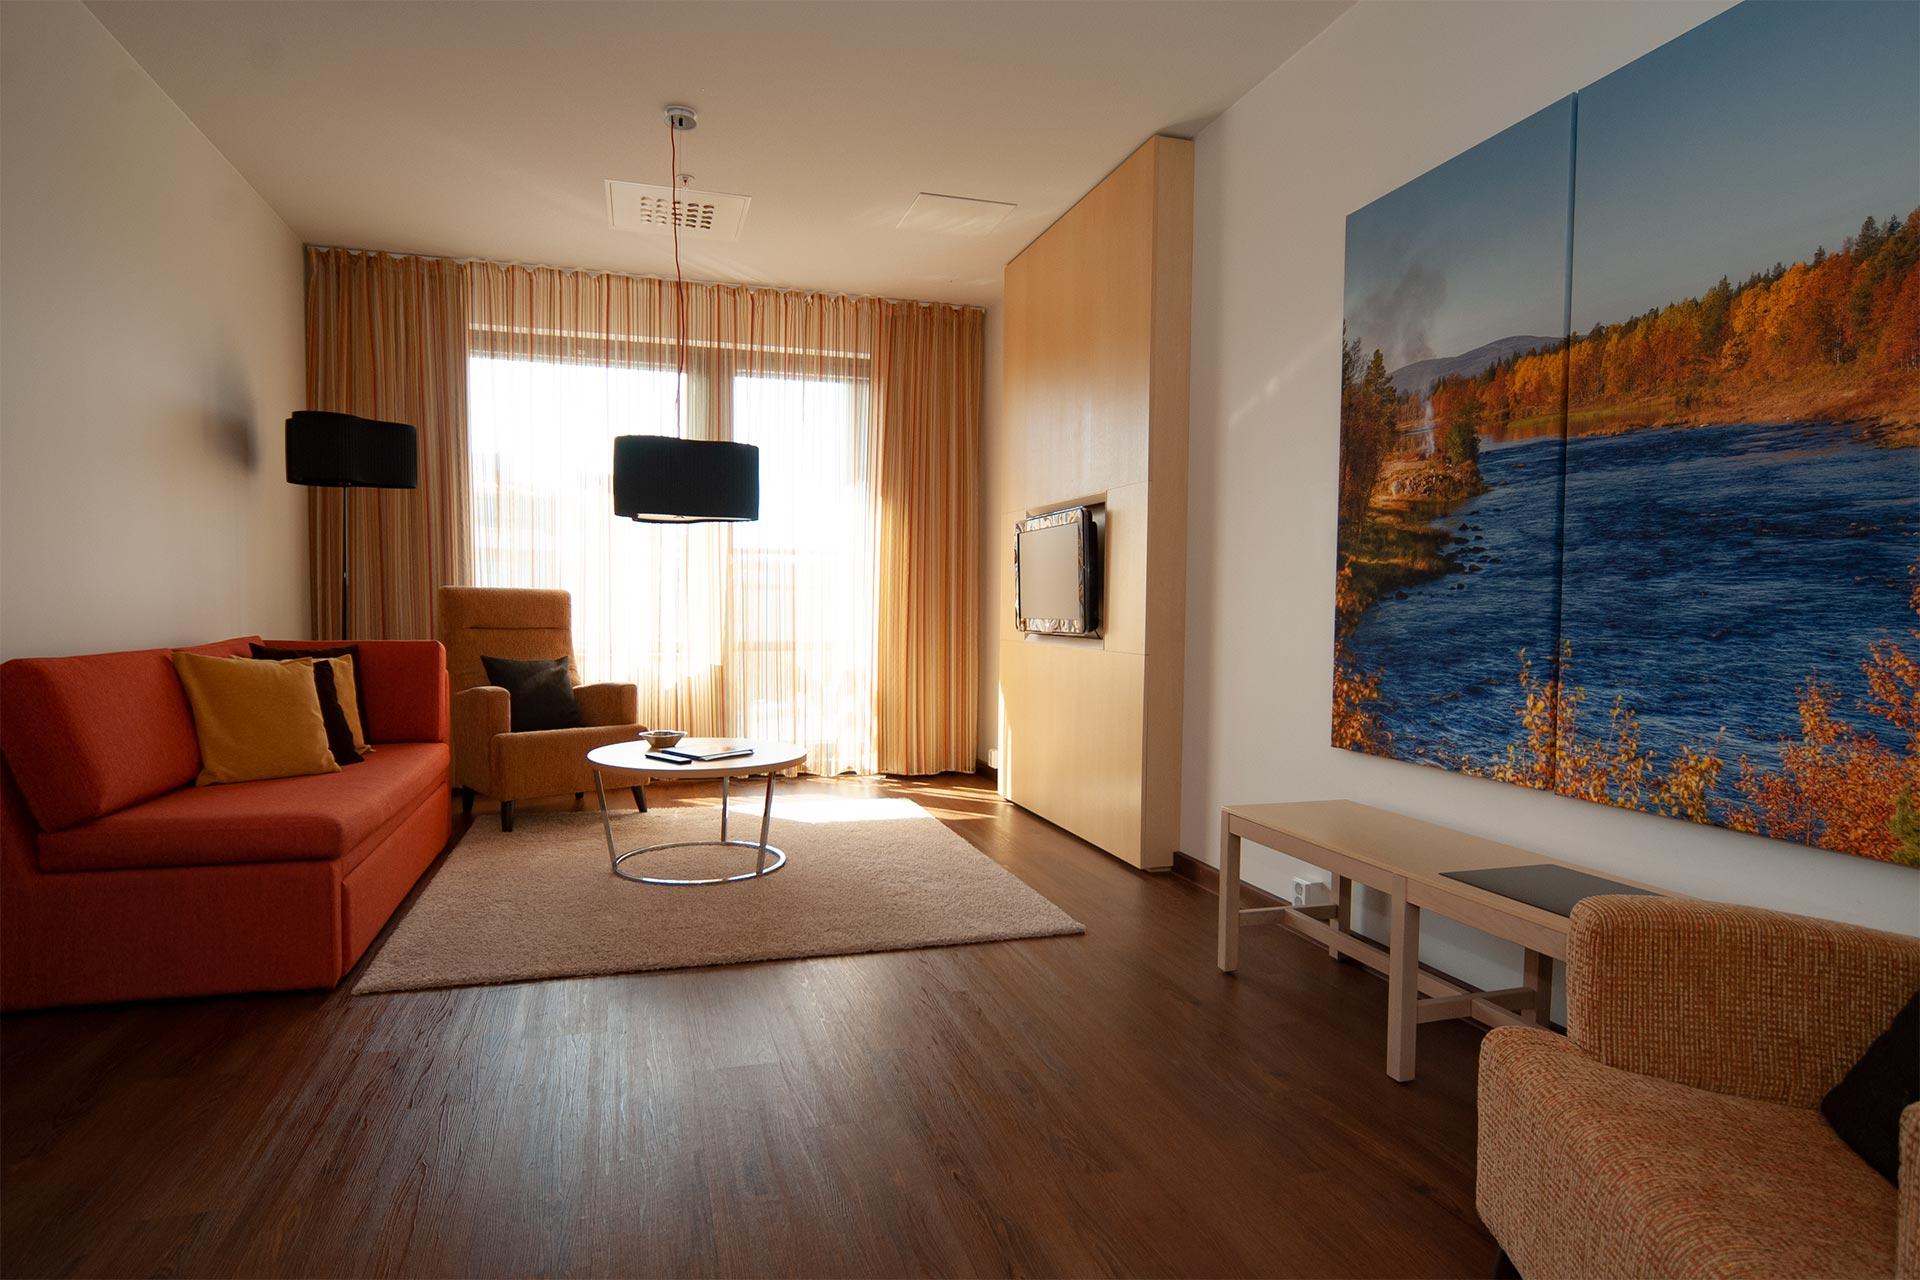 Avara ja valoisa Junior sviitti Hotel Levi Panoramassa takaa upeat maisemat ja tilaa!